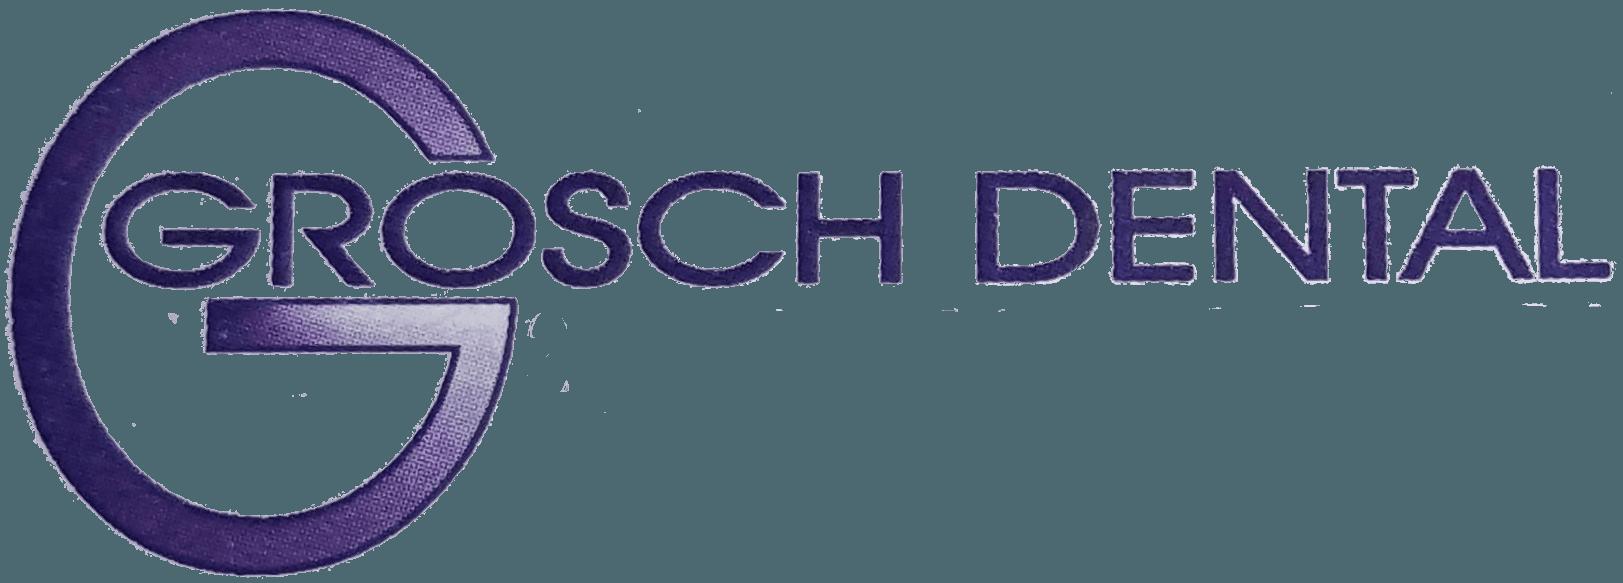 Grosch Dental LLC Logo